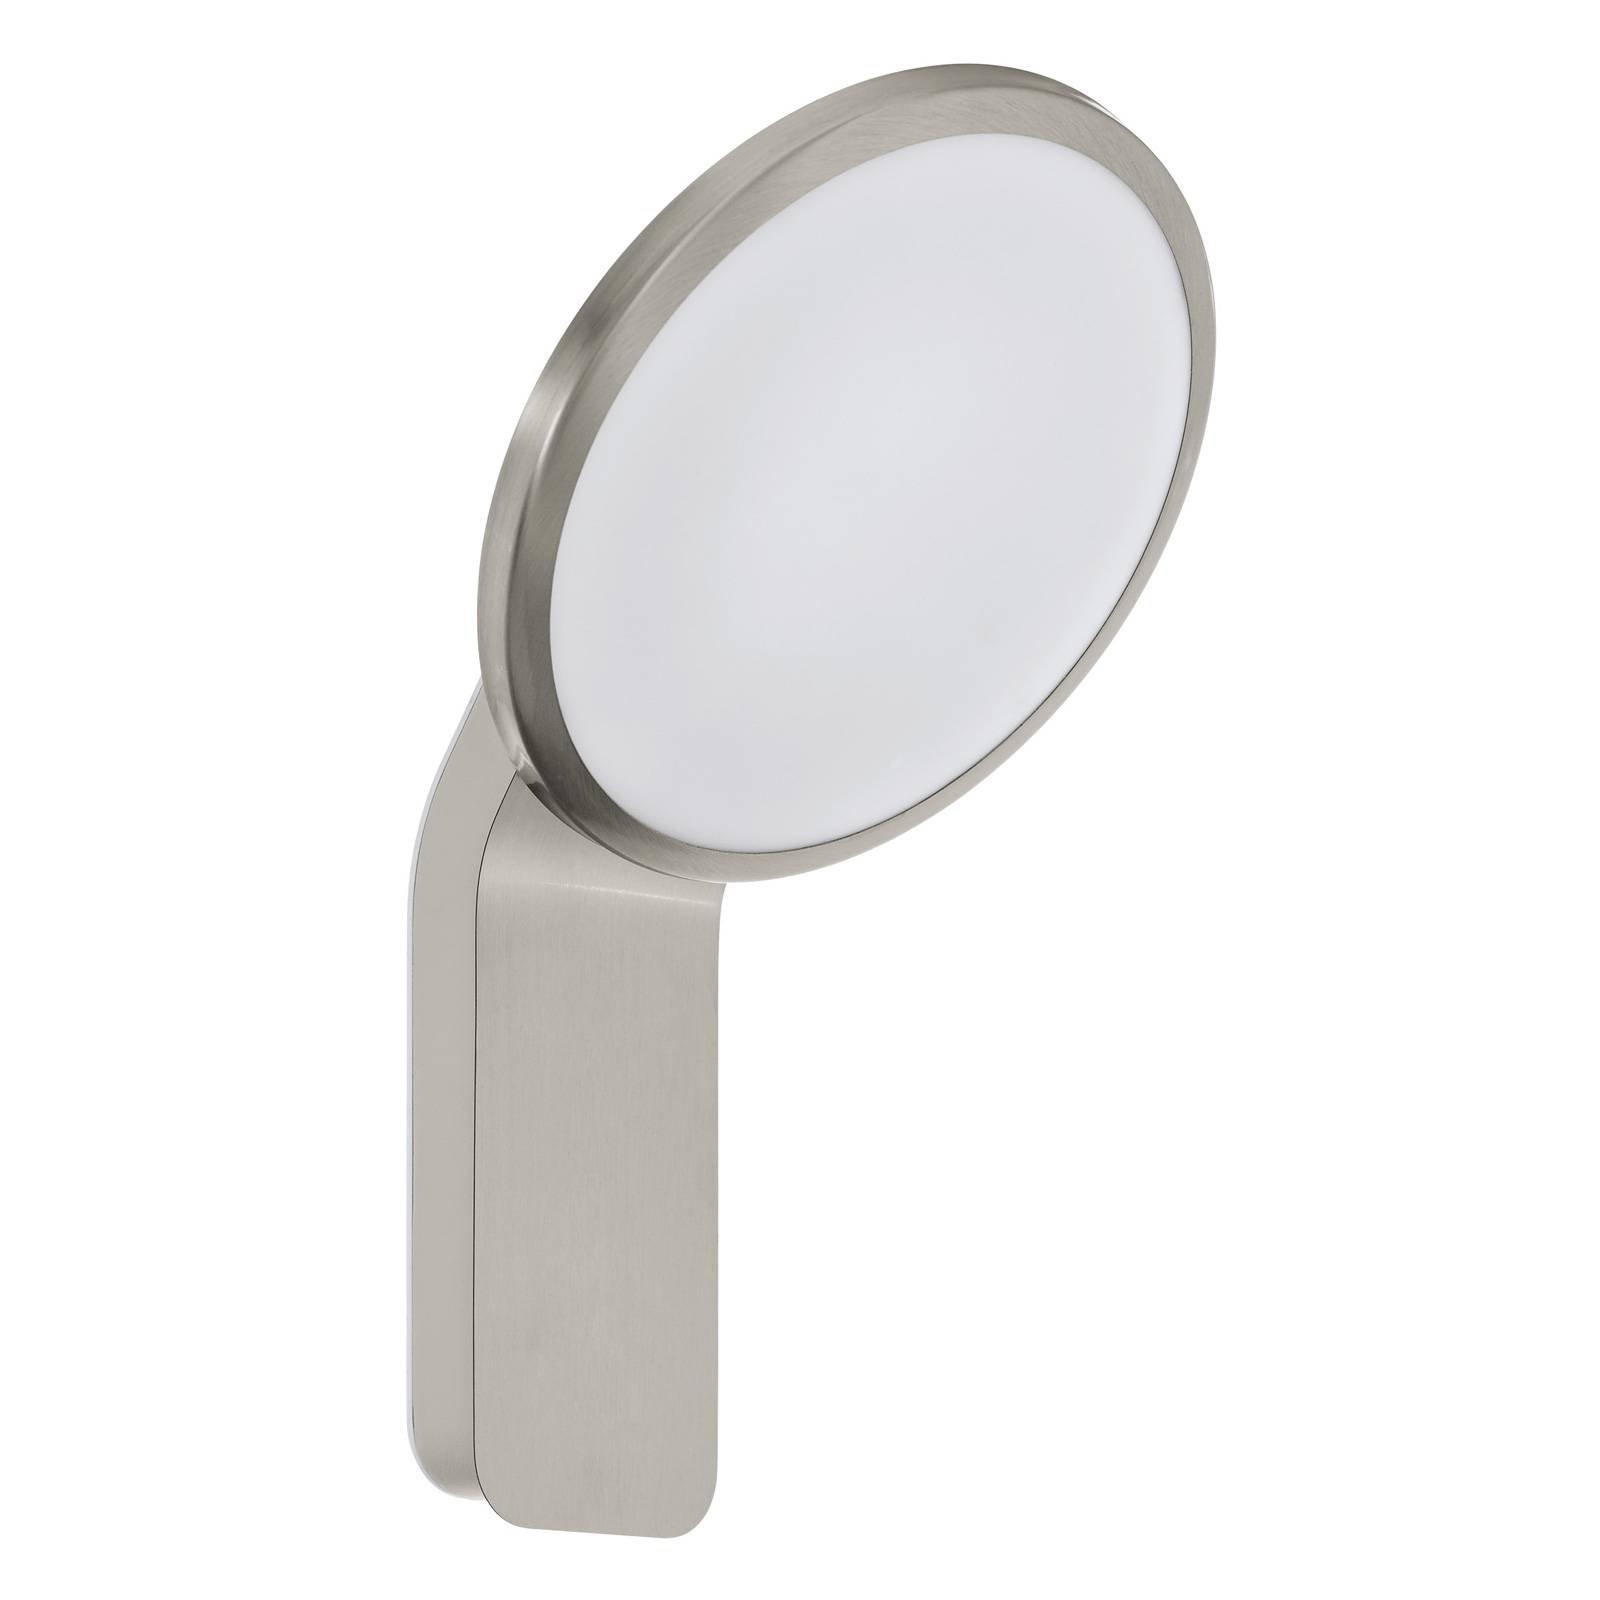 Utendørs LED-vegglampe Cicerone av rustfritt stål